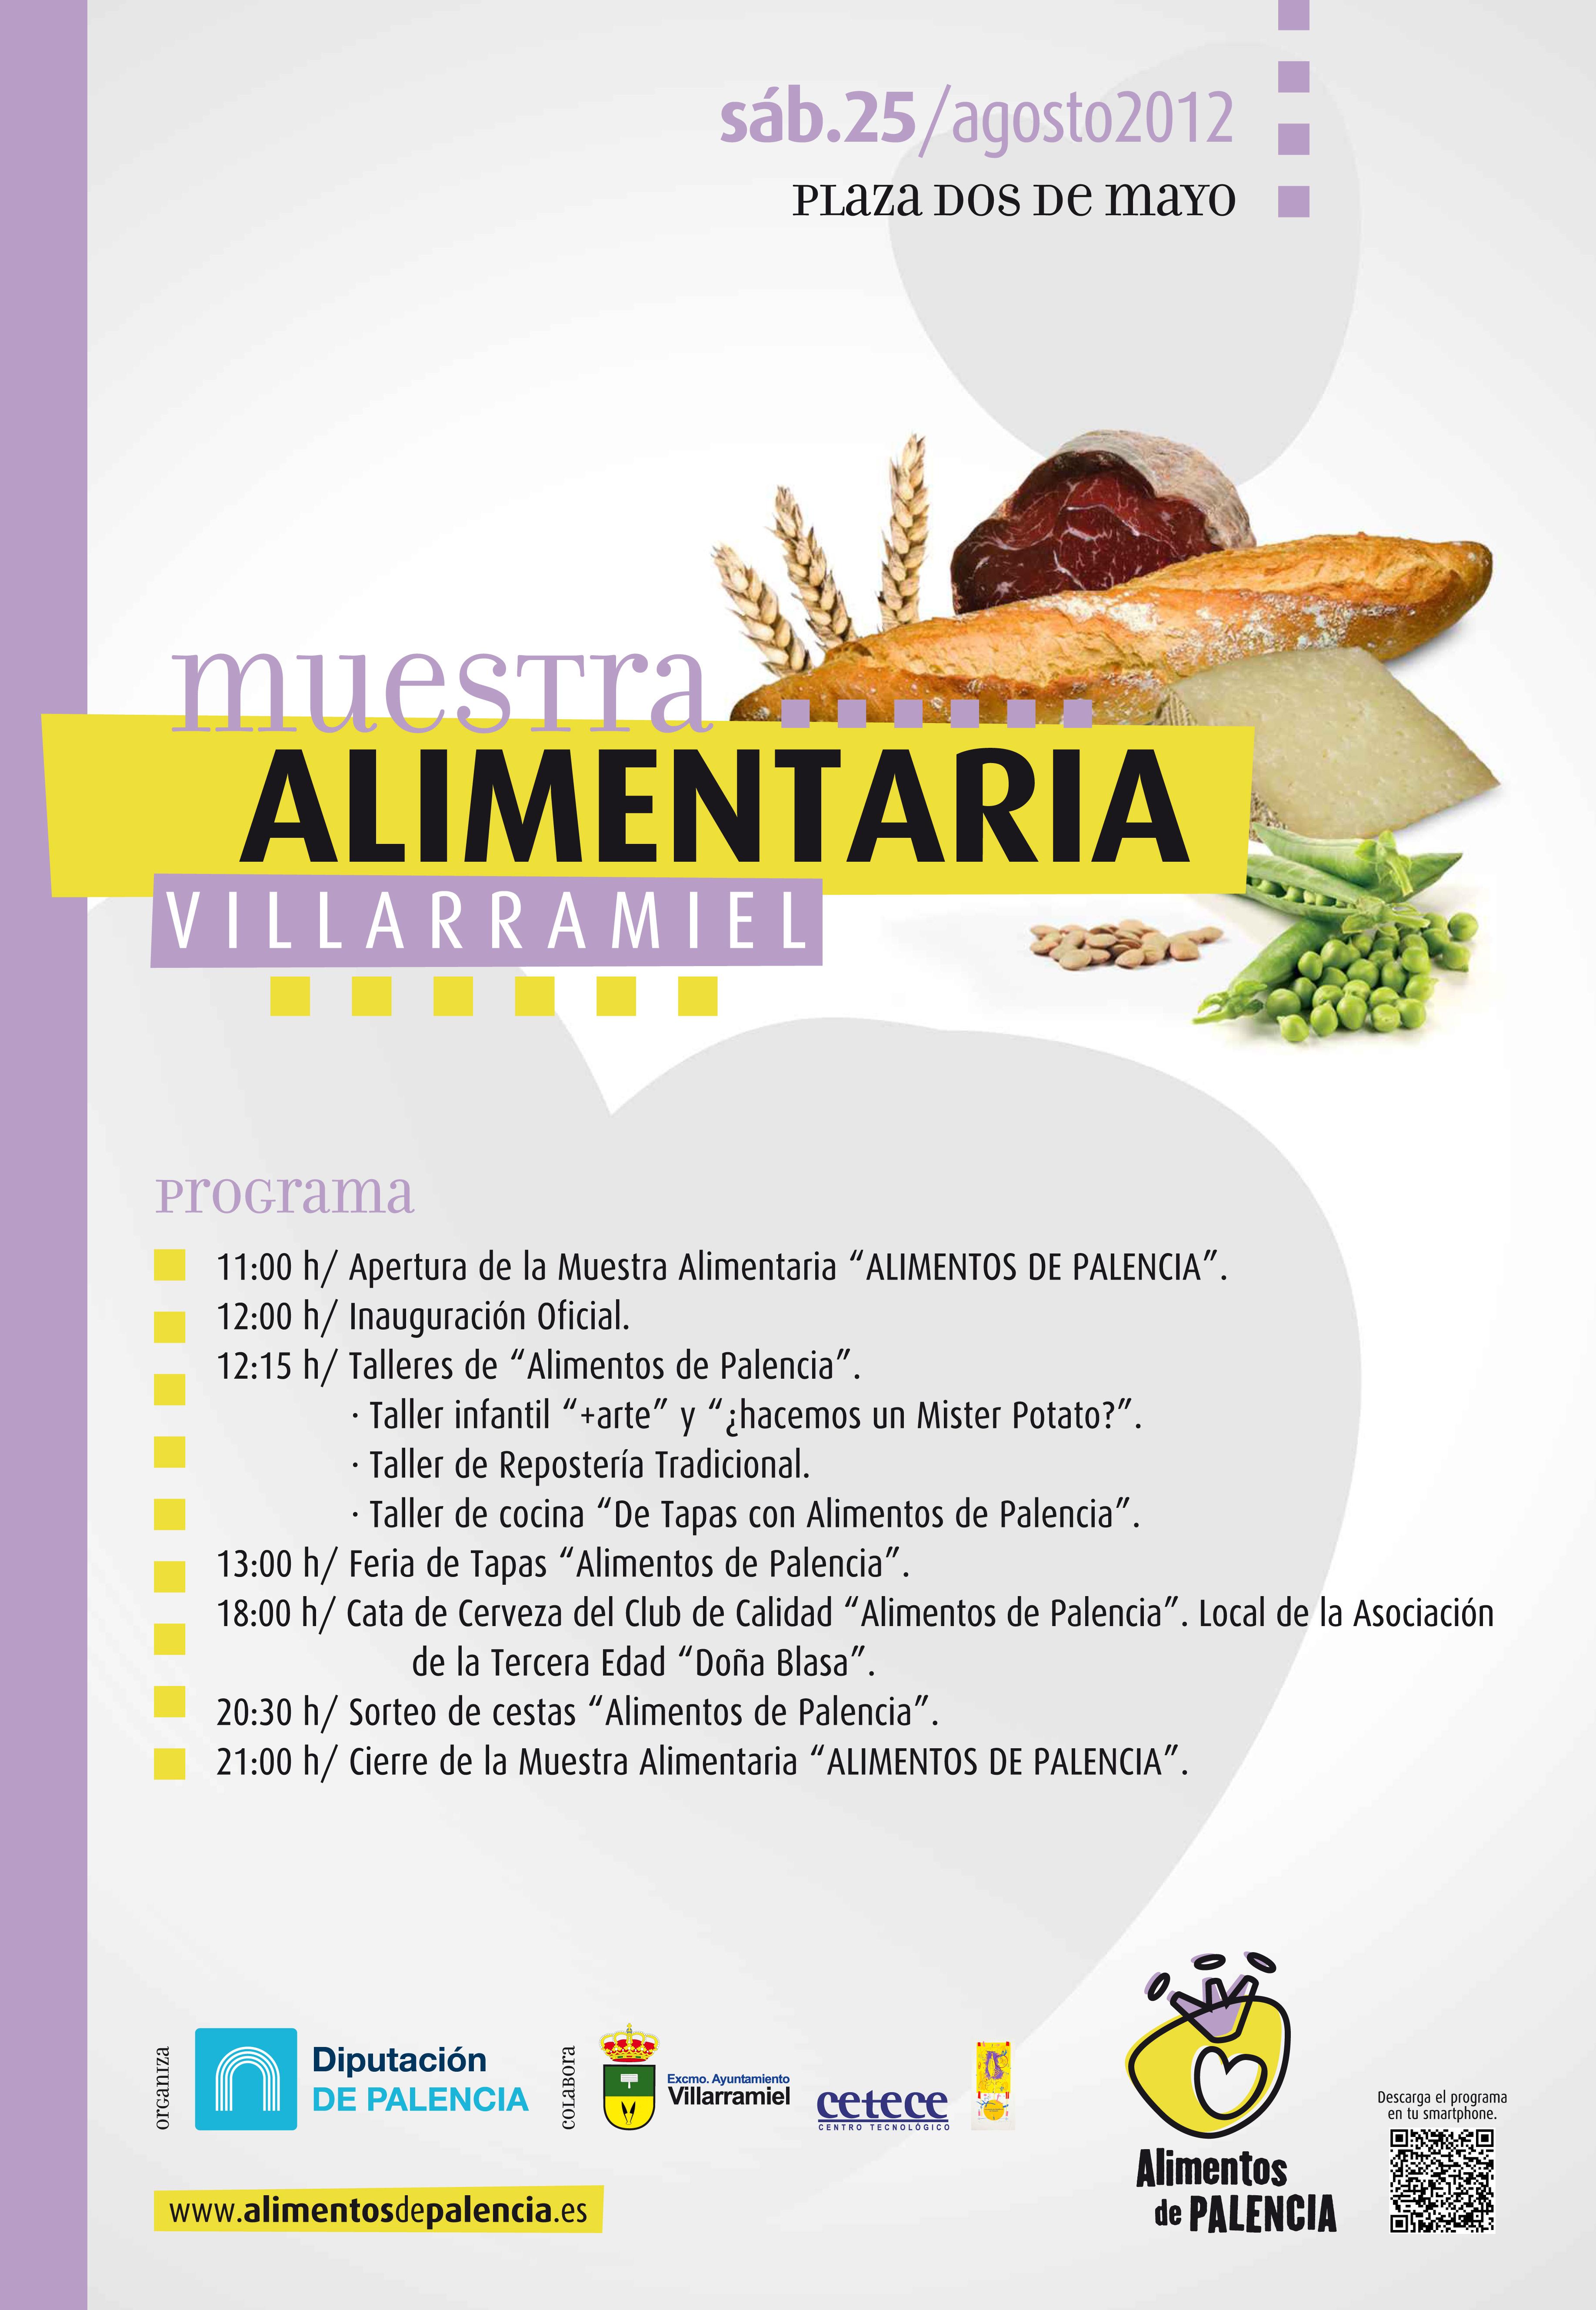 Muestra Alimentaria Villarramiel (sab. 25 agosto)